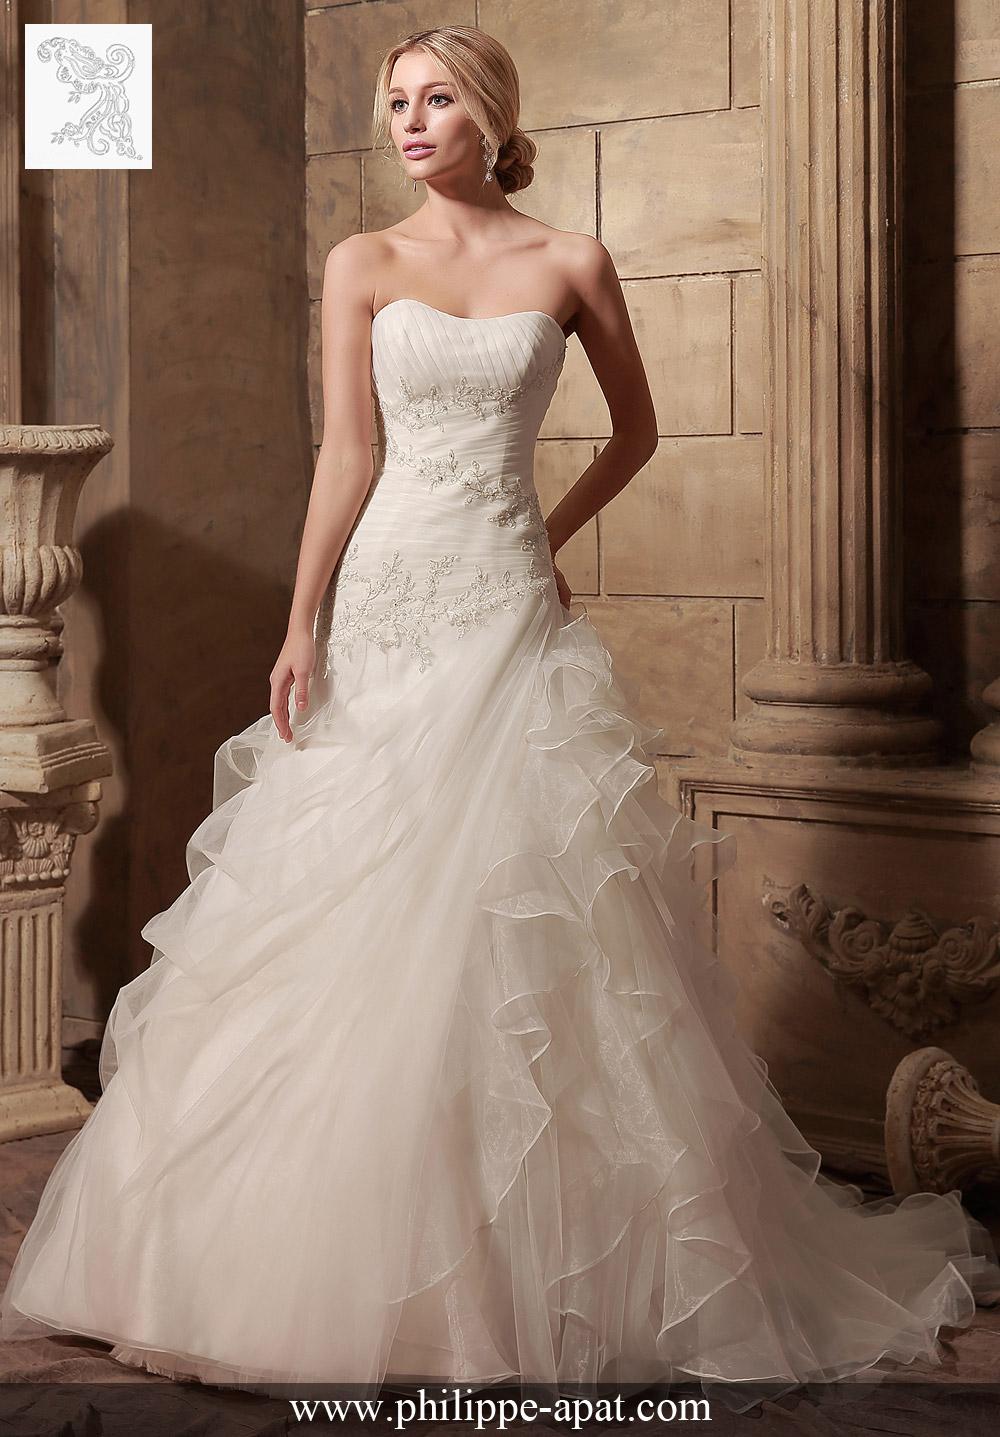 Robe de Mariée Bustier Naples Glamour et élégance se trouve dans cette robe de mariée en organza de bal, accentué par un décolleté magnifique doucement